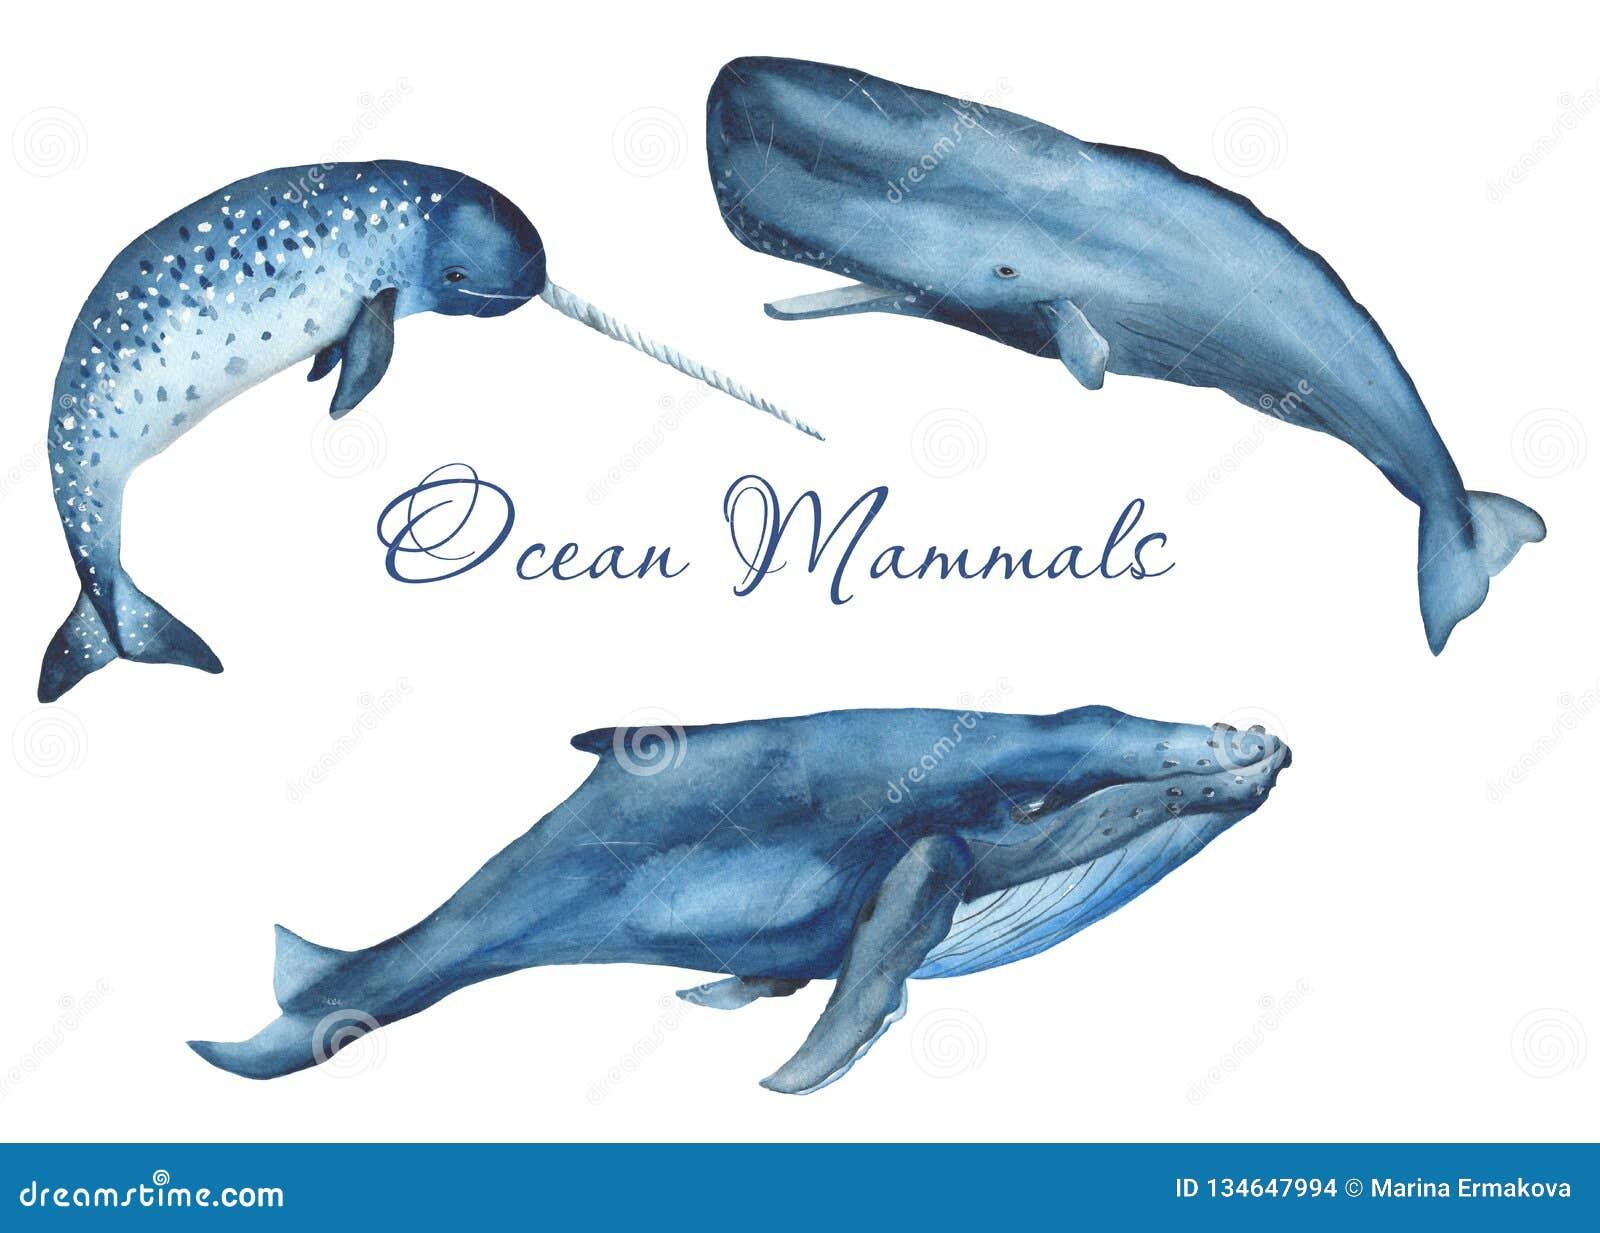 Ocean mammals watercolor.